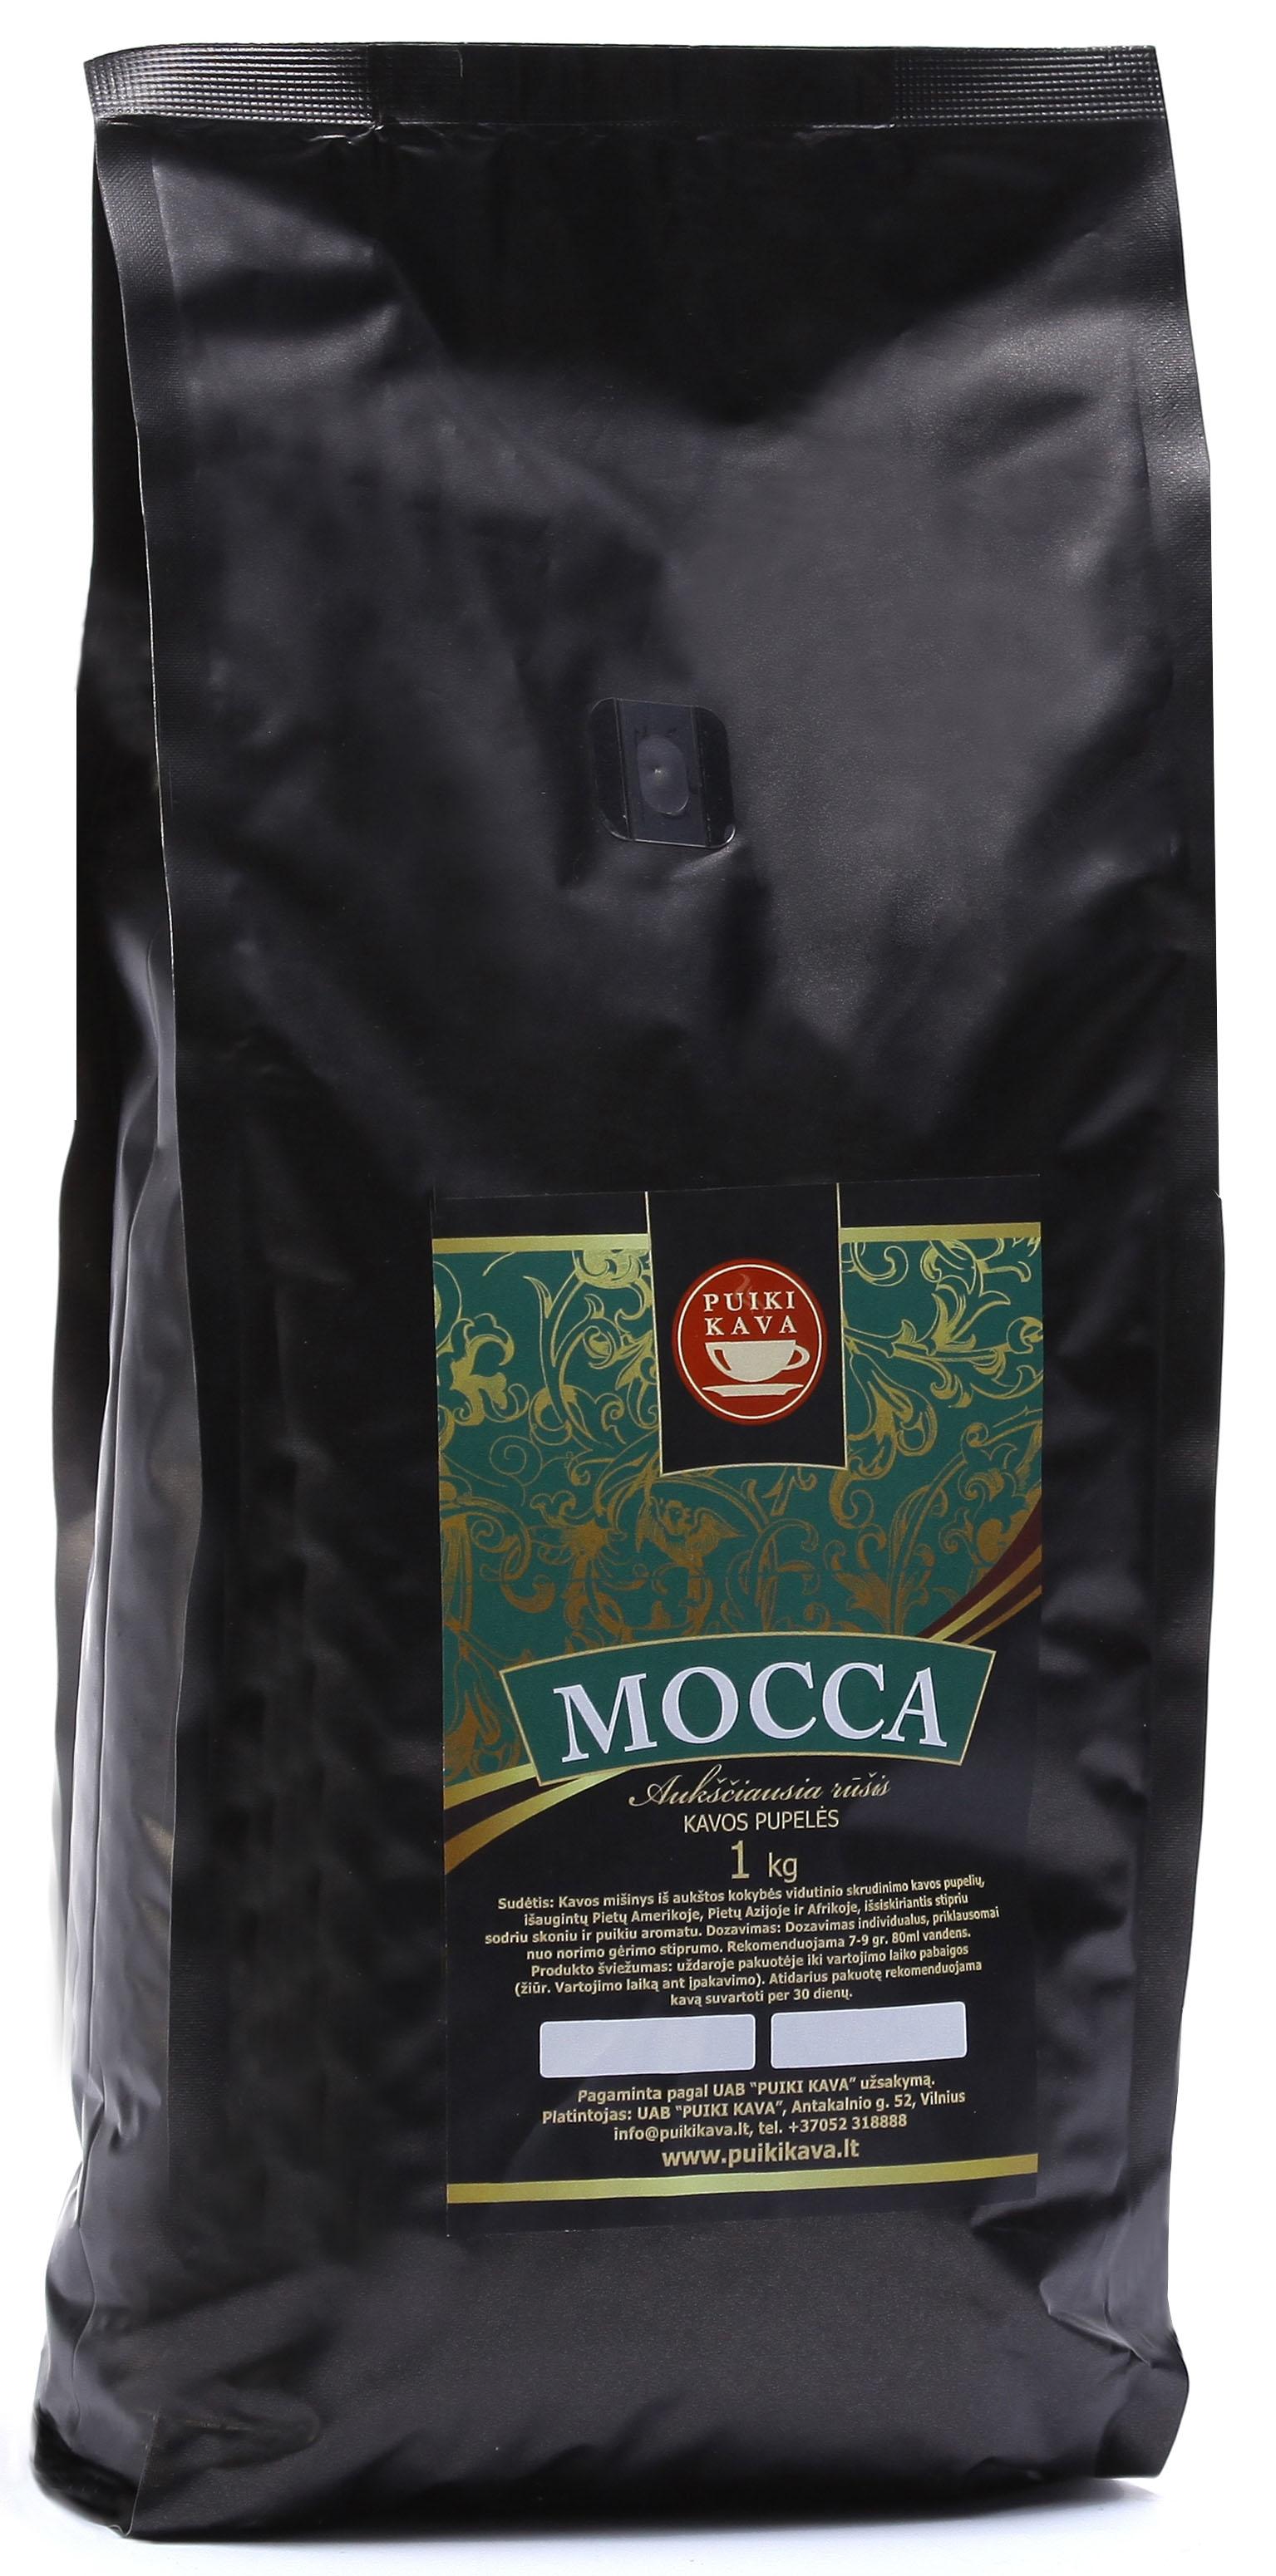 MOCCA (1 kg)